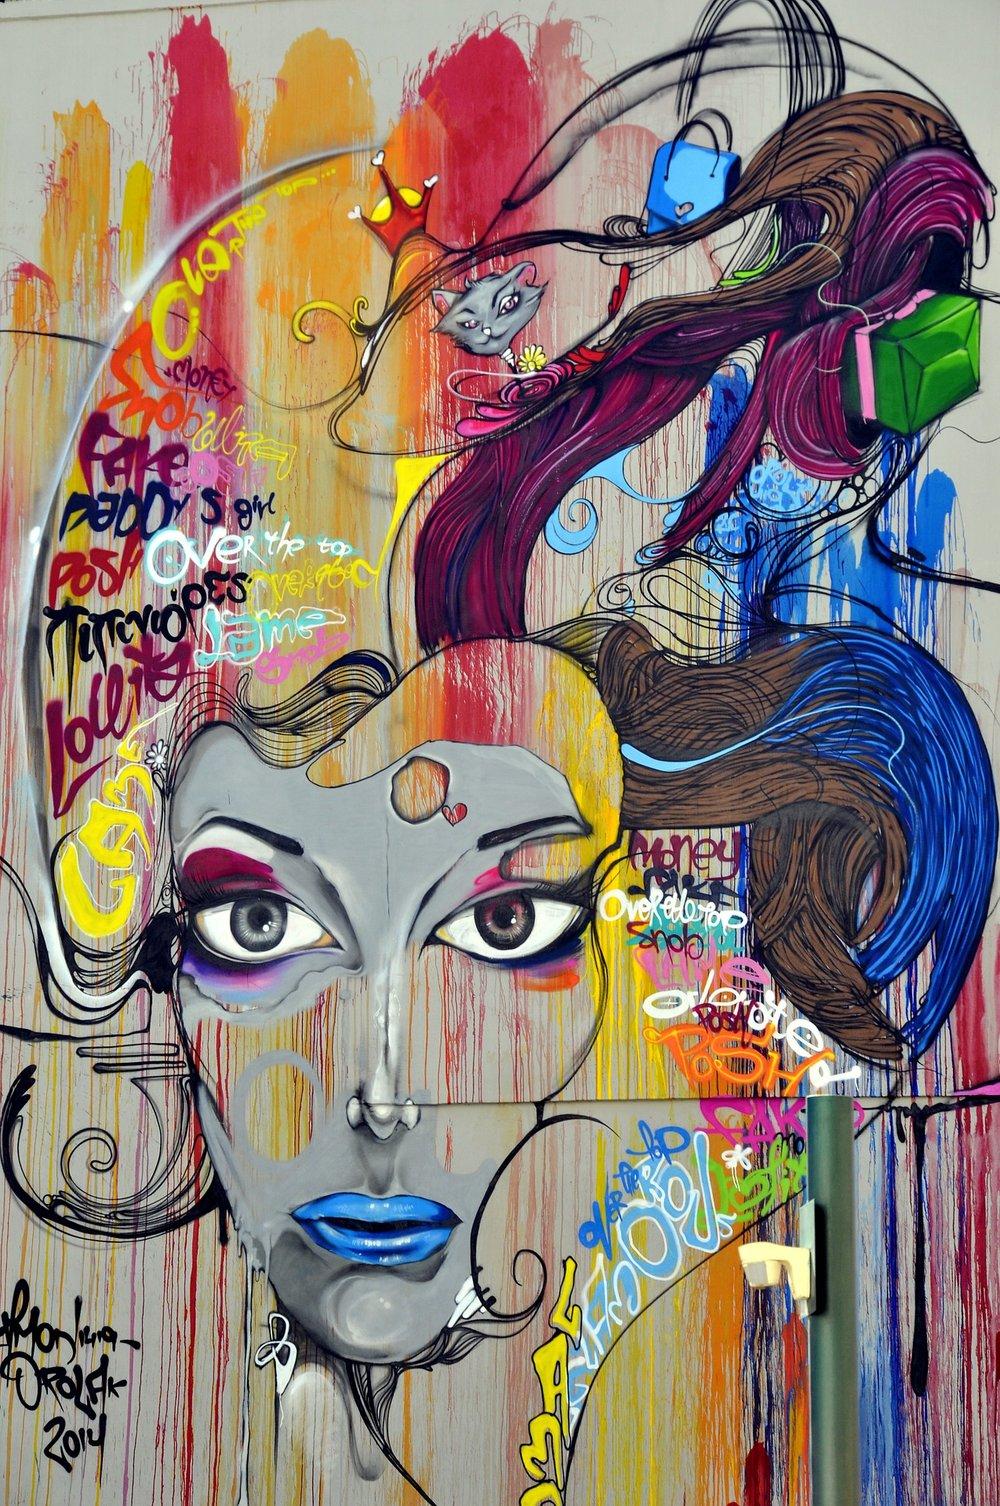 graffiti-508272_1920.jpg